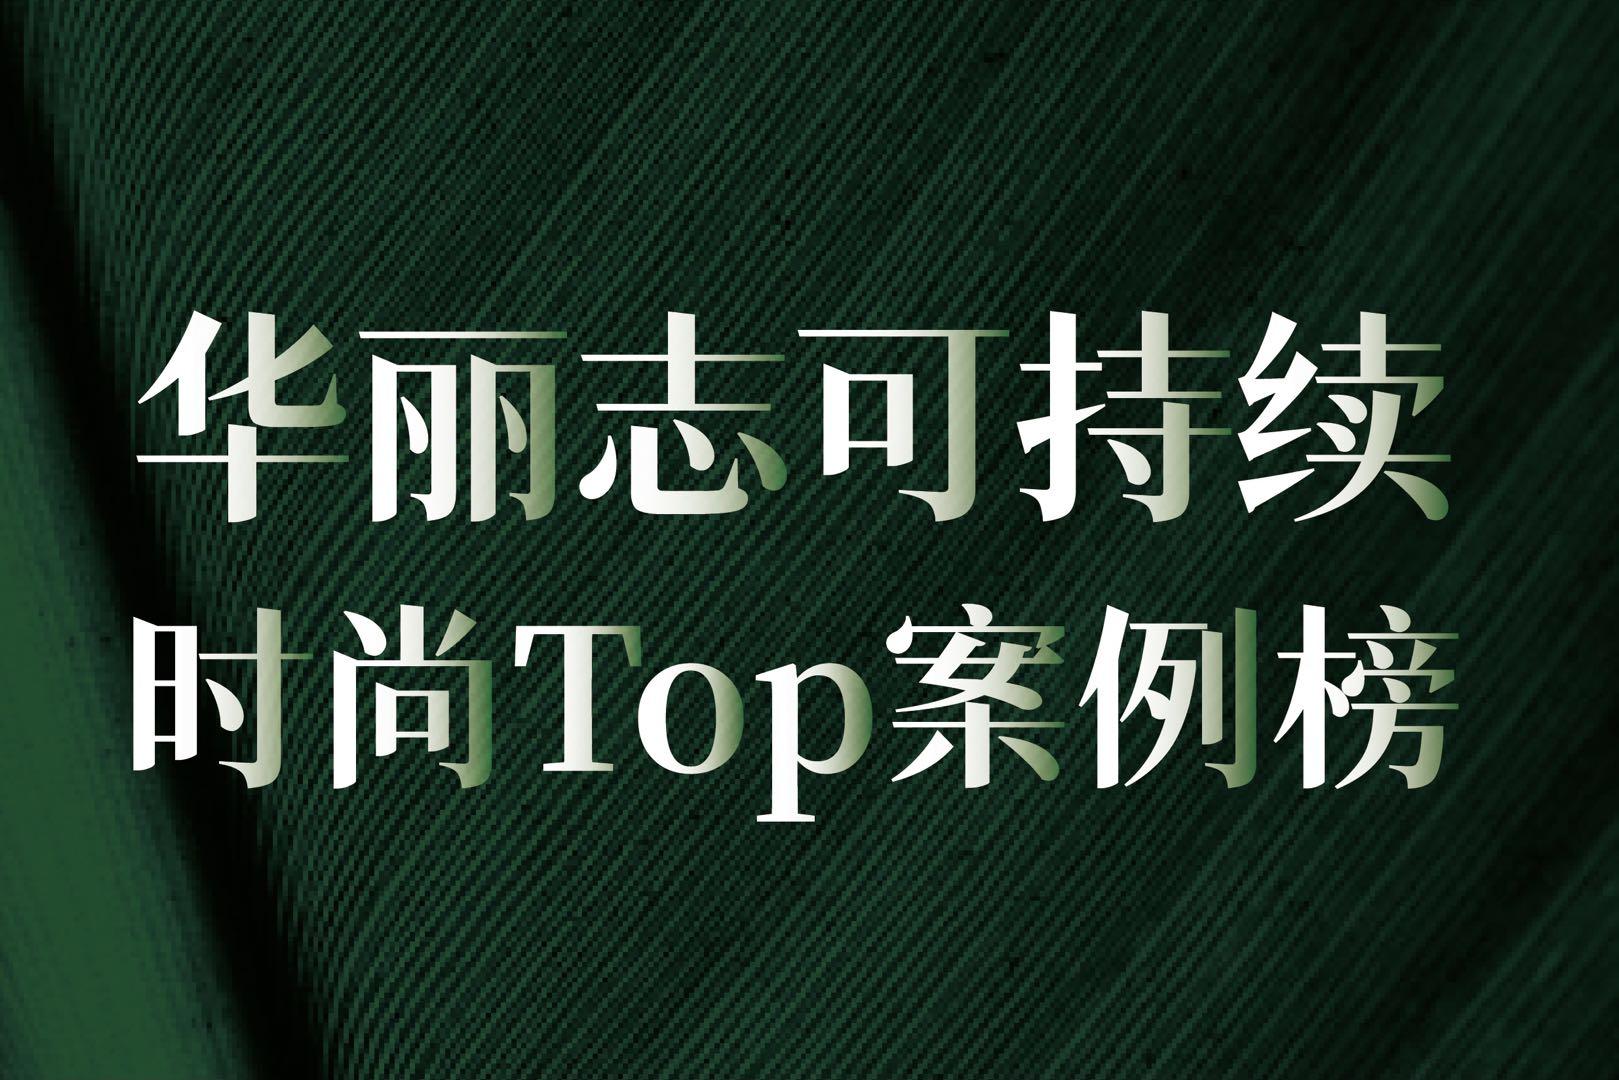 开云、欧舒丹和蔚来入选【华丽志可持续时尚Top案例榜】2021年第4周(另附7条可持续时尚最新动态)